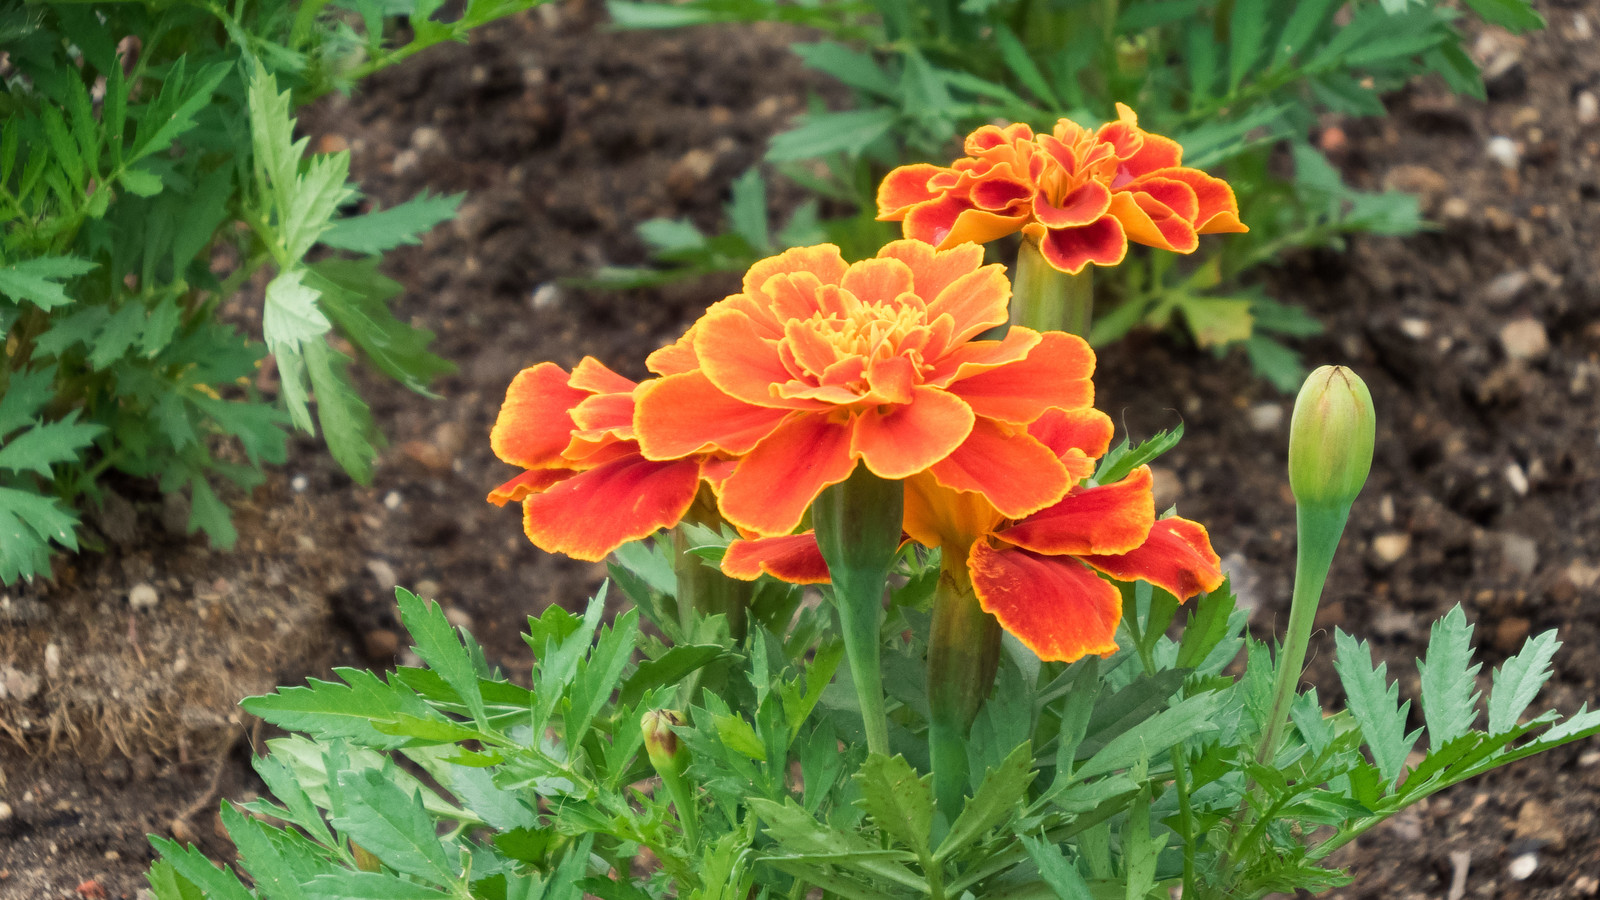 「庭に咲いたフレンチマリーゴールド庭に咲いたフレンチマリーゴールド」のフリー写真素材を拡大